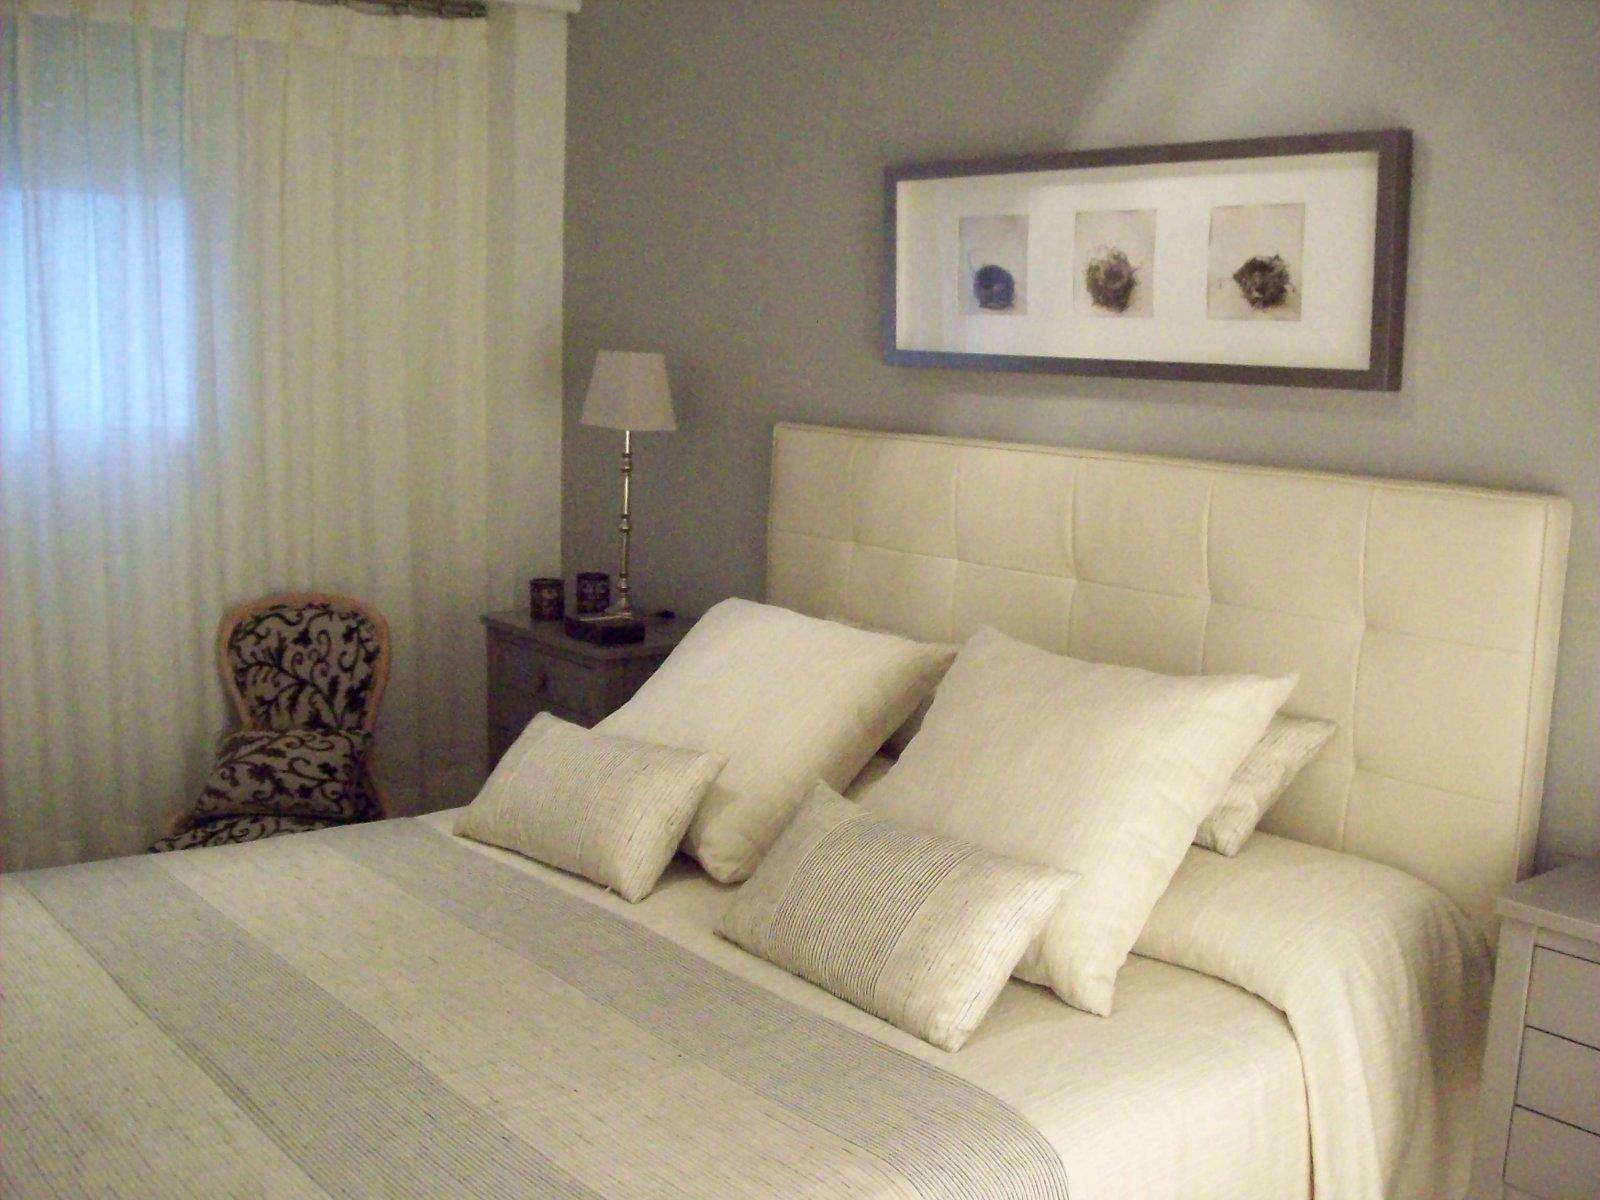 Proyecto De Decoracion De Un Dormitorio Principal Decoracion Del Hogar - Como-decorar-el-dormitorio-principal